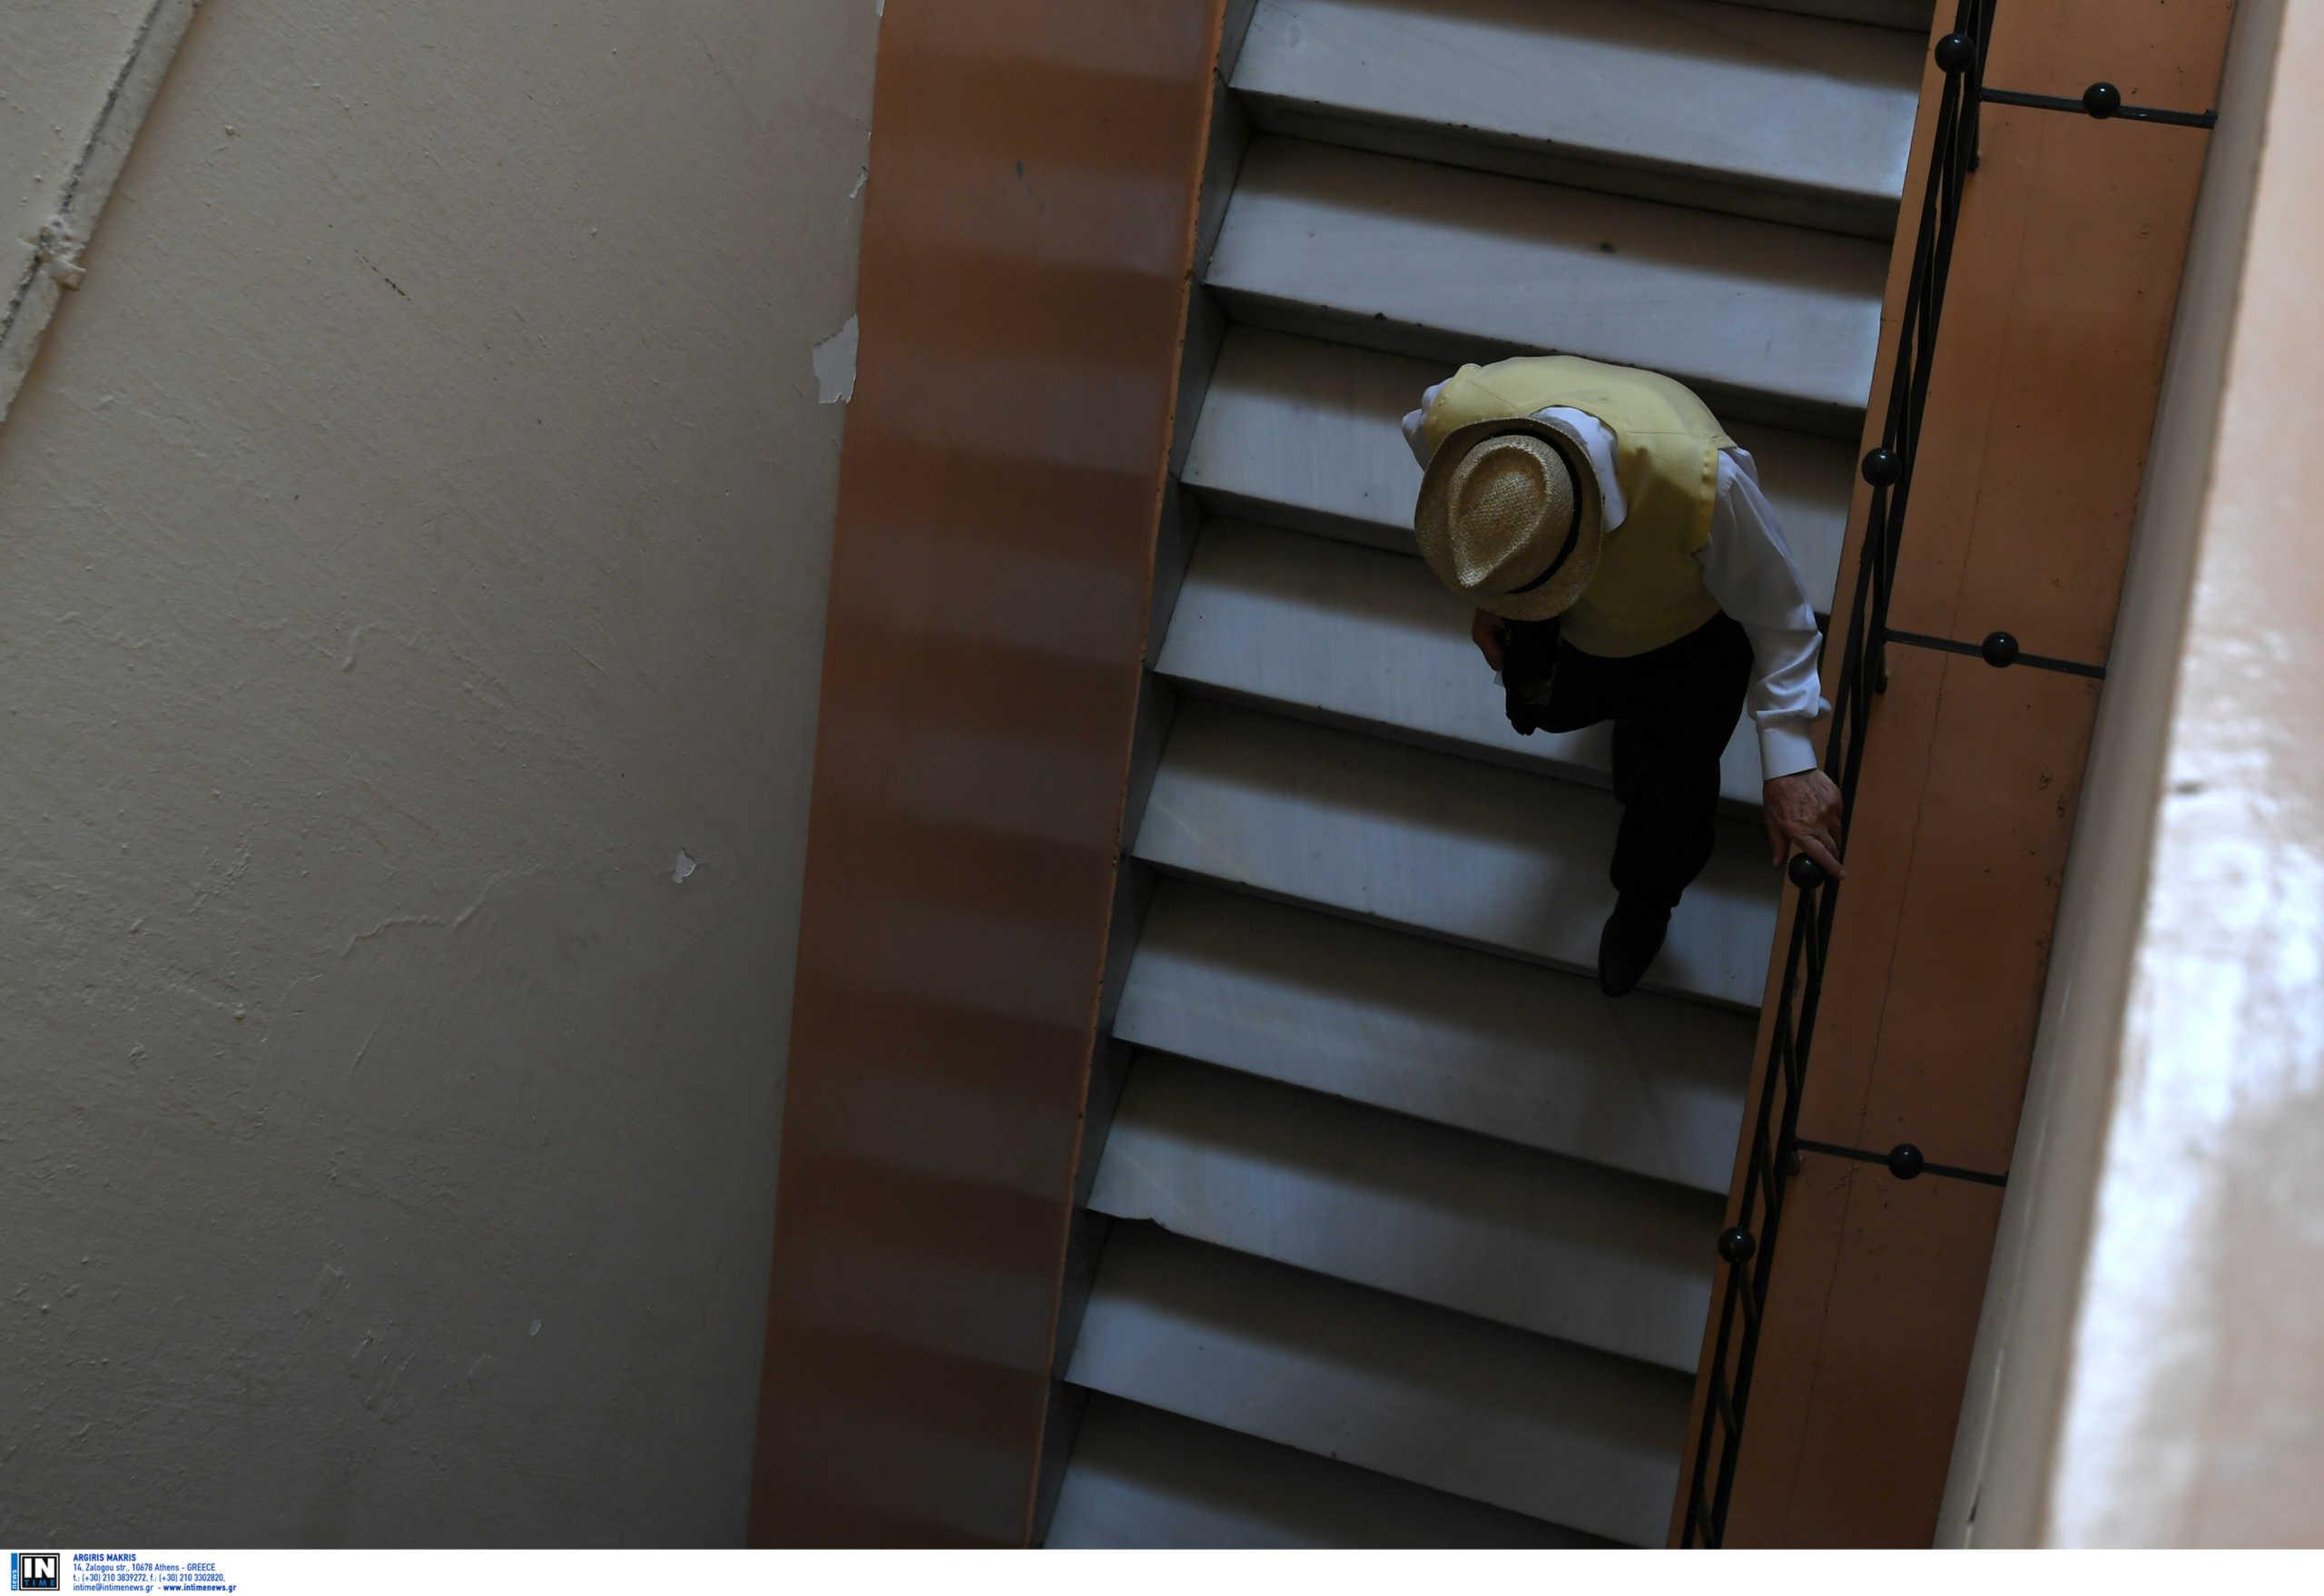 Χατζηδάκης: Εντός διμήνου η προκαταβολή της σύνταξης – Αφορά 105.000 εν αναμονή συνταξιούχους